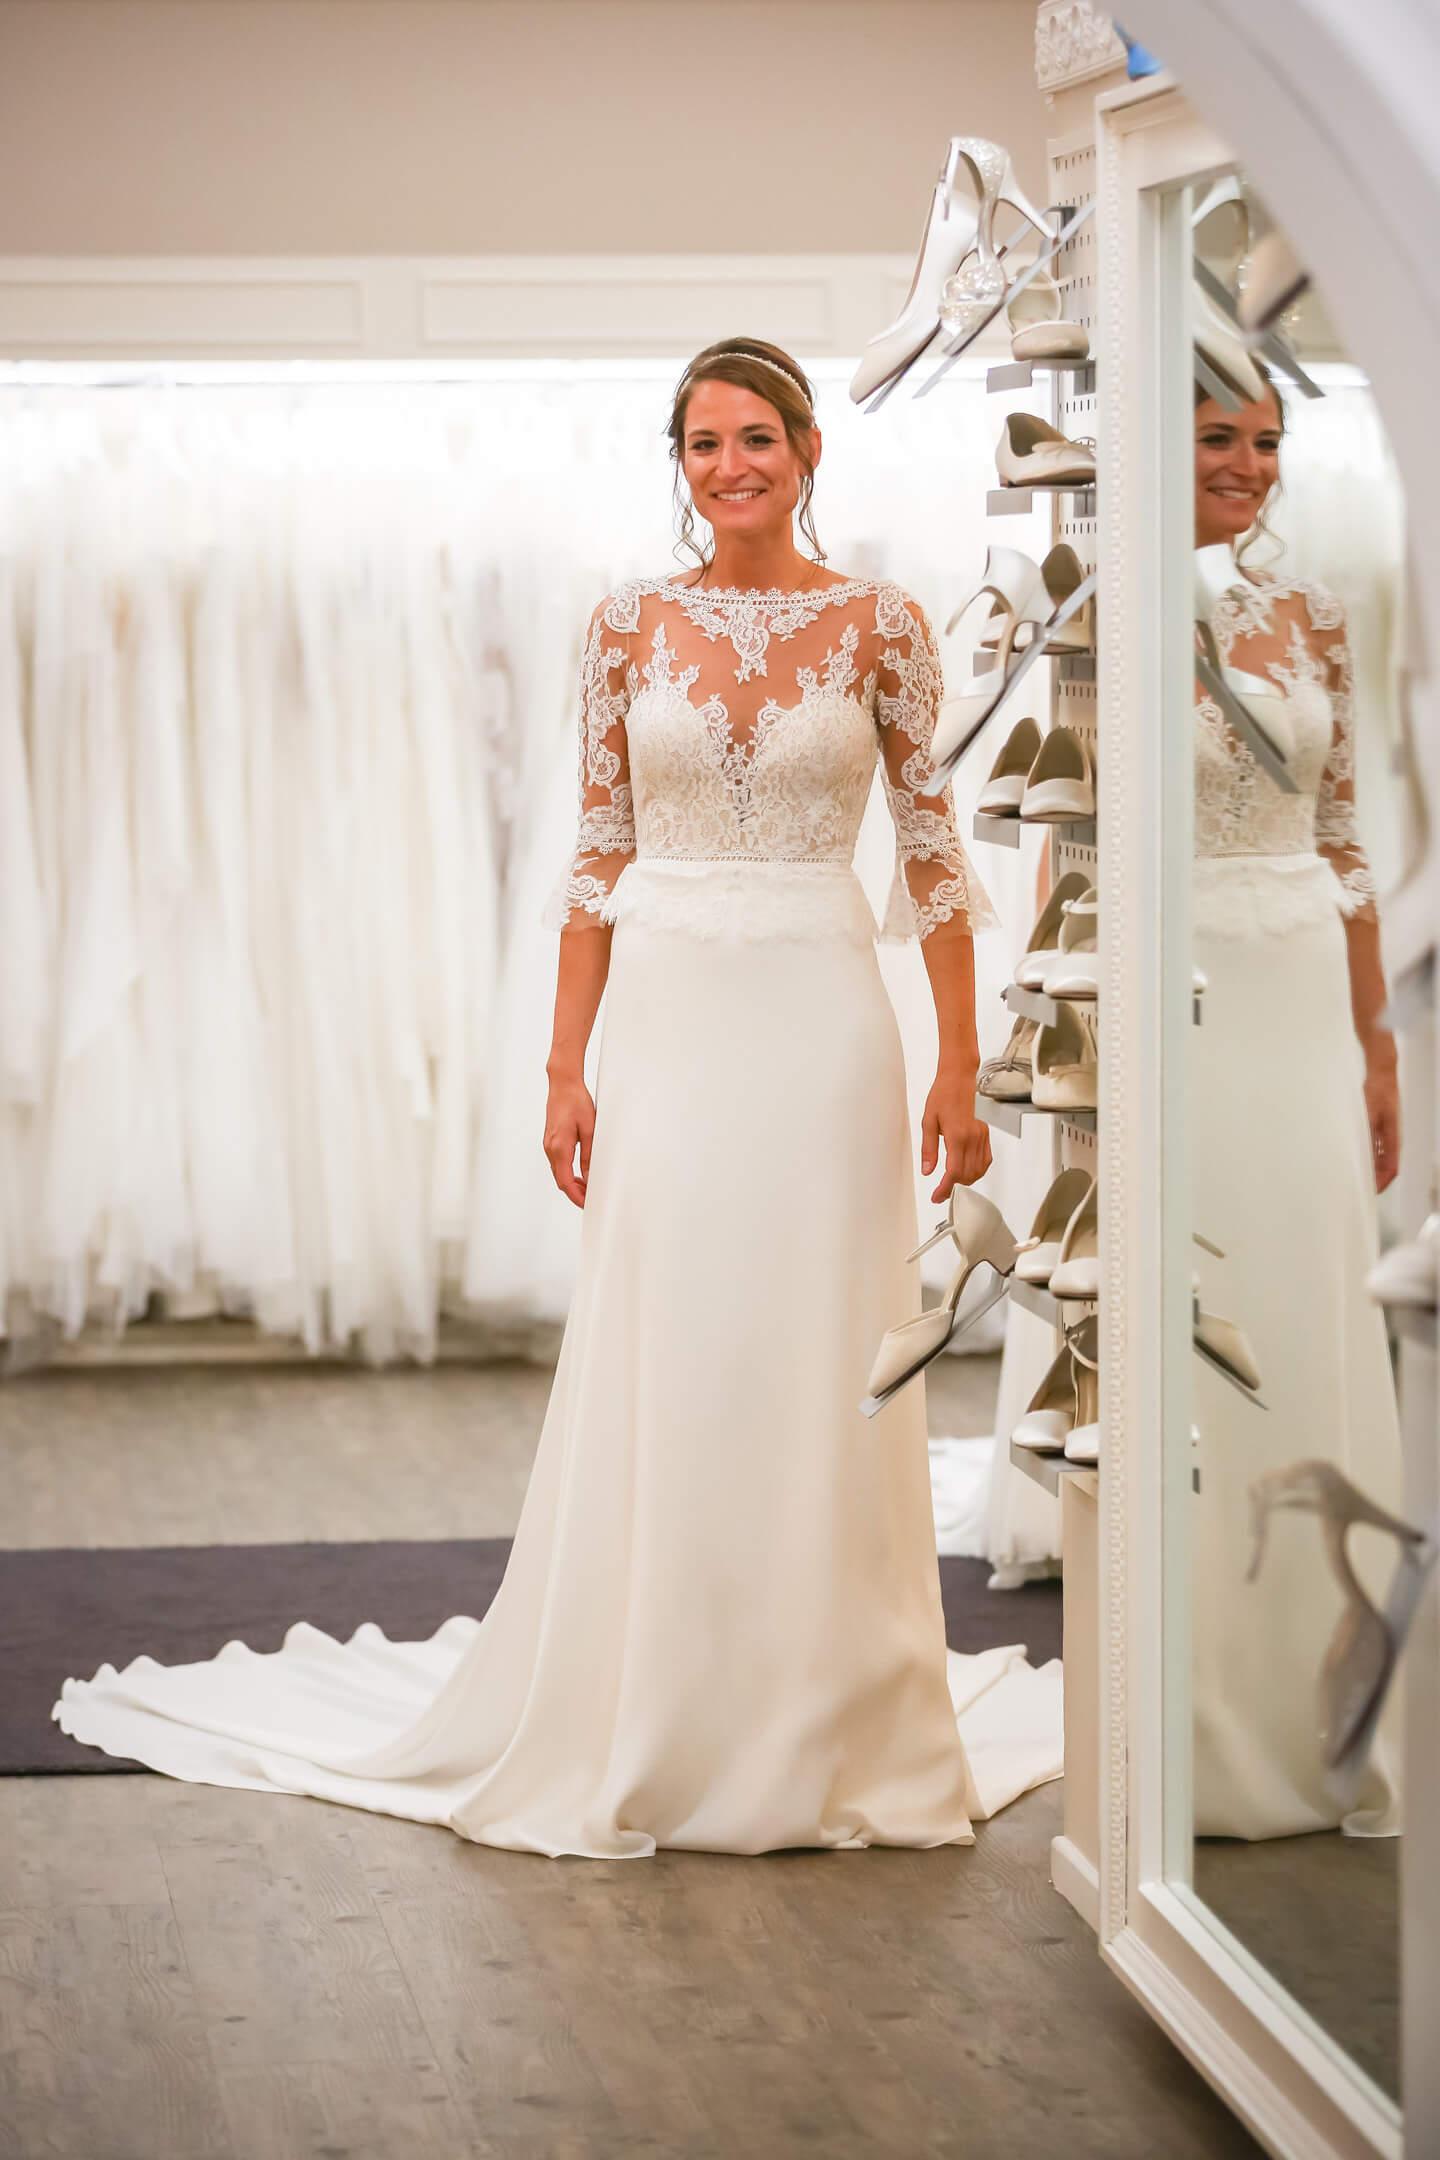 Model mit Brautkleid kurz vor dem Auftritt